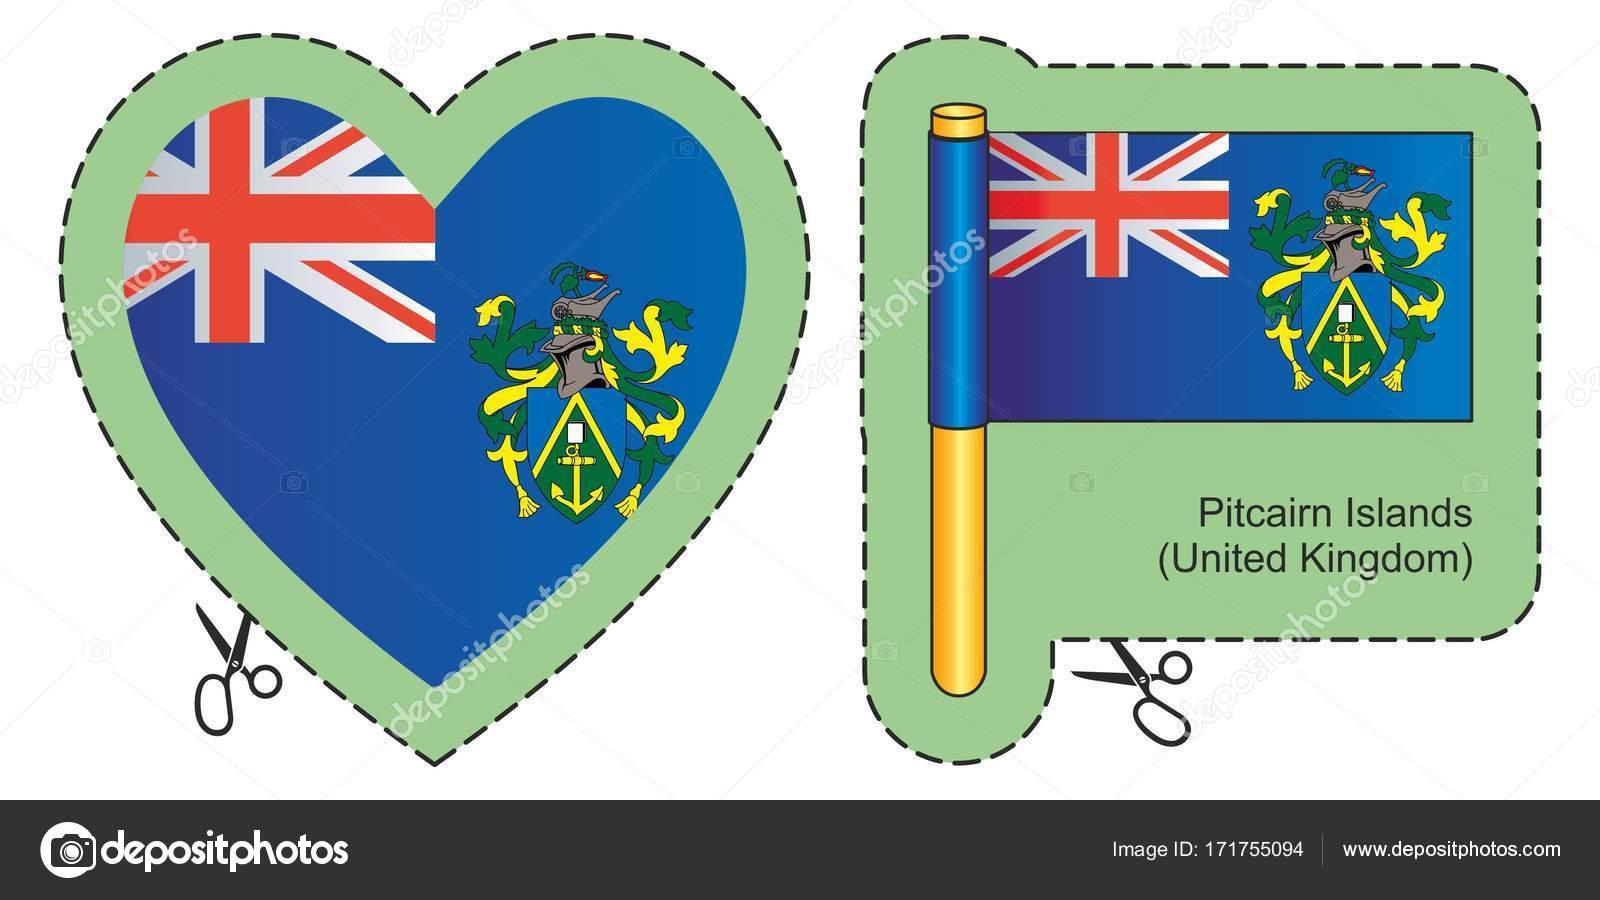 britische überseegebiete